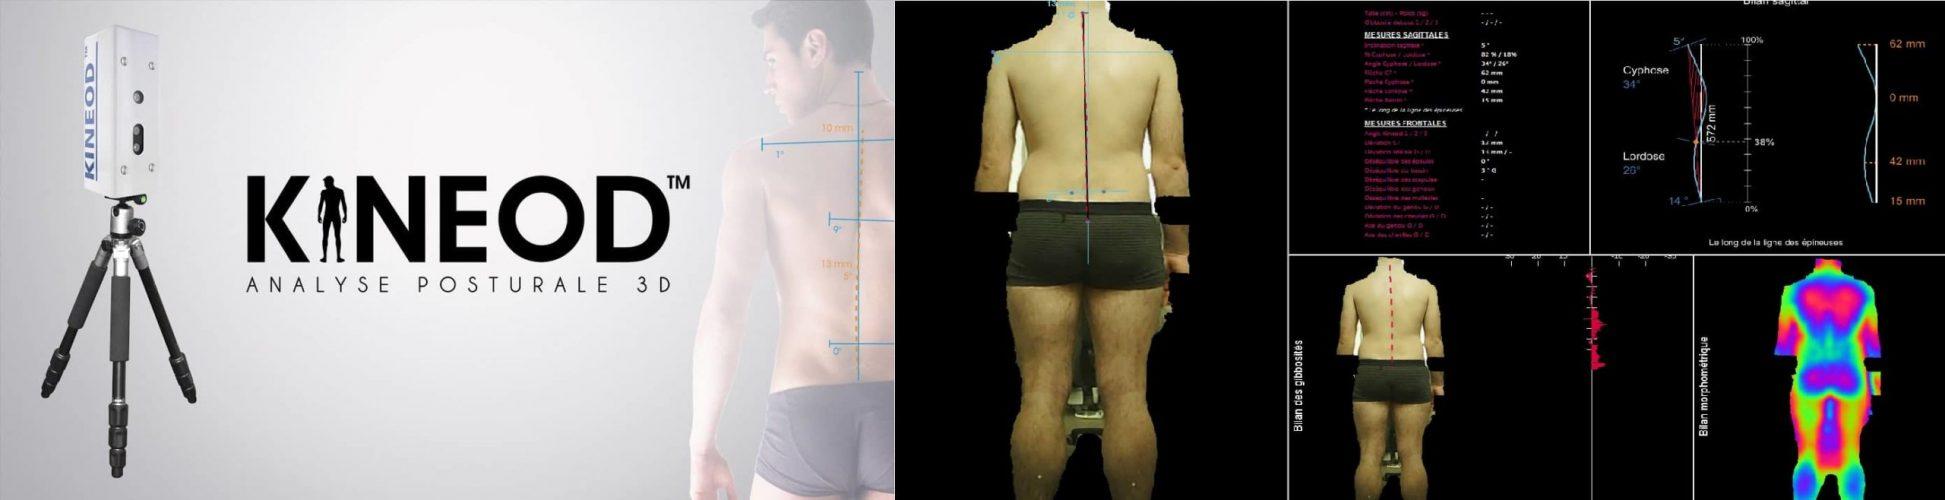 kineod-analyse-posturale3d